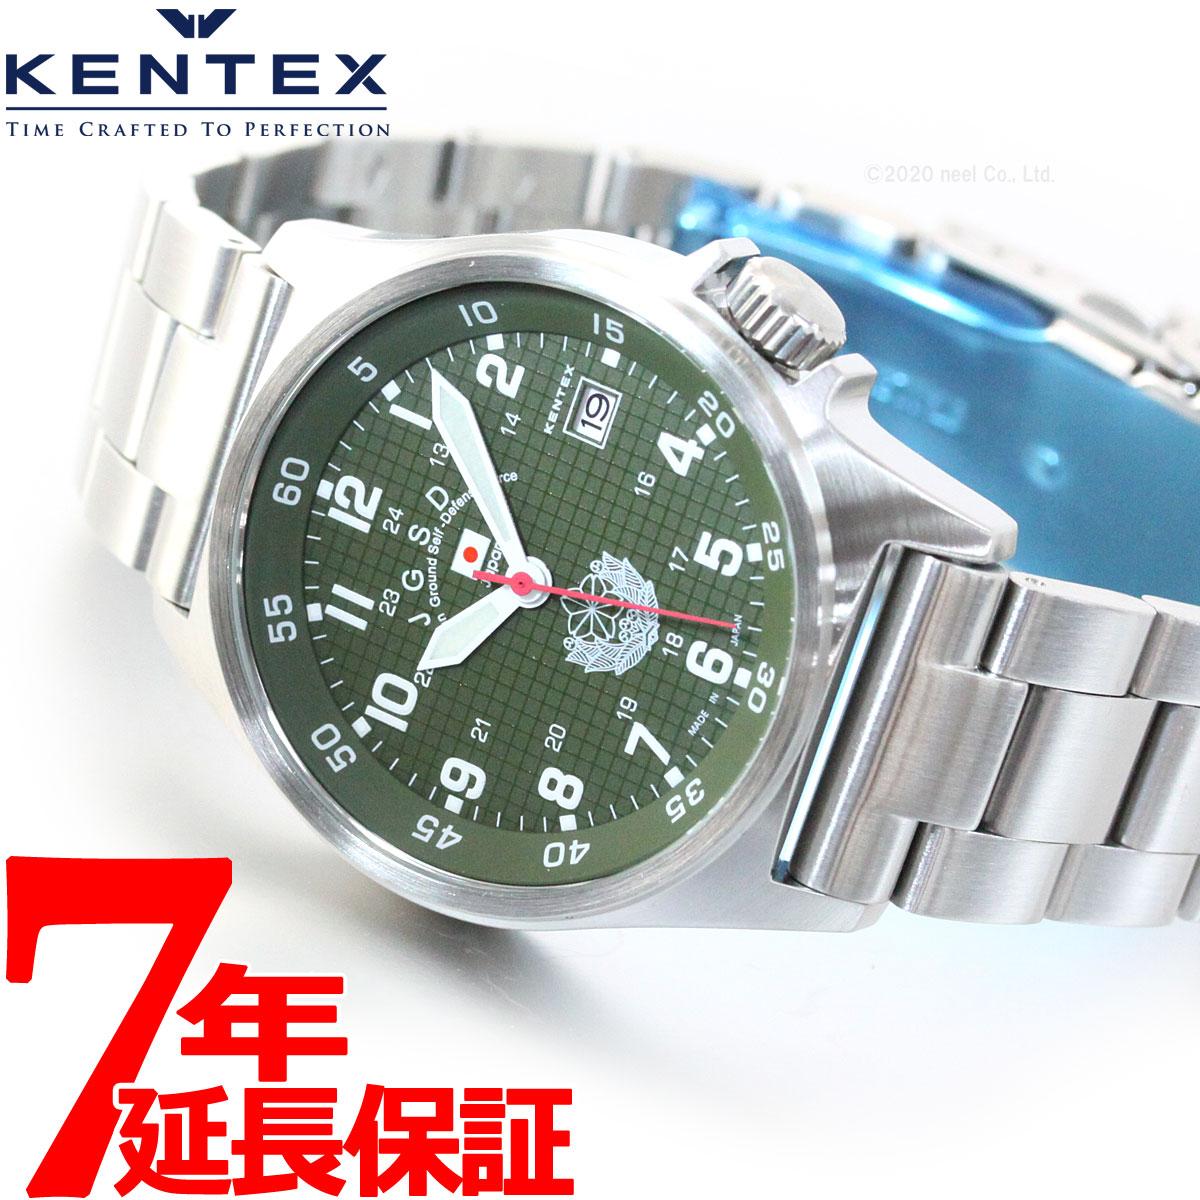 【5日0時~♪2000円OFFクーポン&店内ポイント最大51倍!5日23時59分まで】KENTEX ケンテックス 腕時計 メンズ JSDF スタンダード 自衛隊モデル 陸上自衛隊 S455M-09